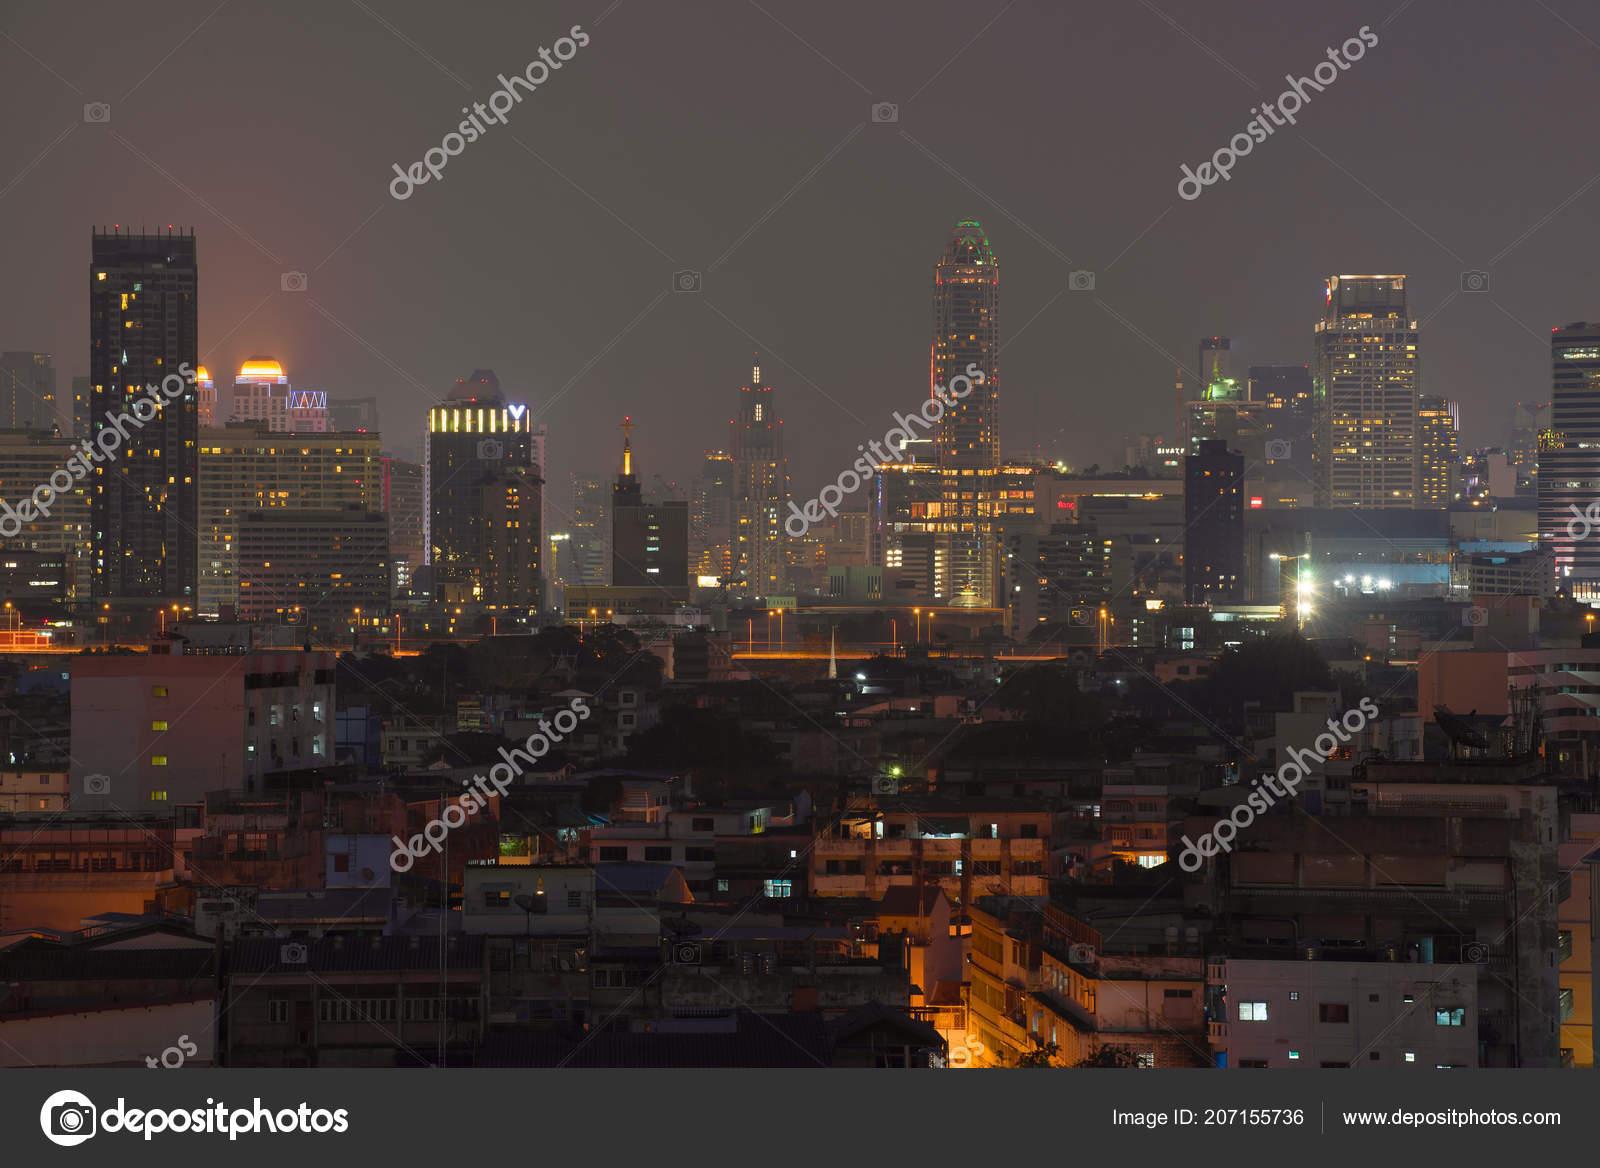 Bangkok Thailand December 2016 Night Panorama Today Bangkok – Stock  Editorial Photo © sikaraha #207155736